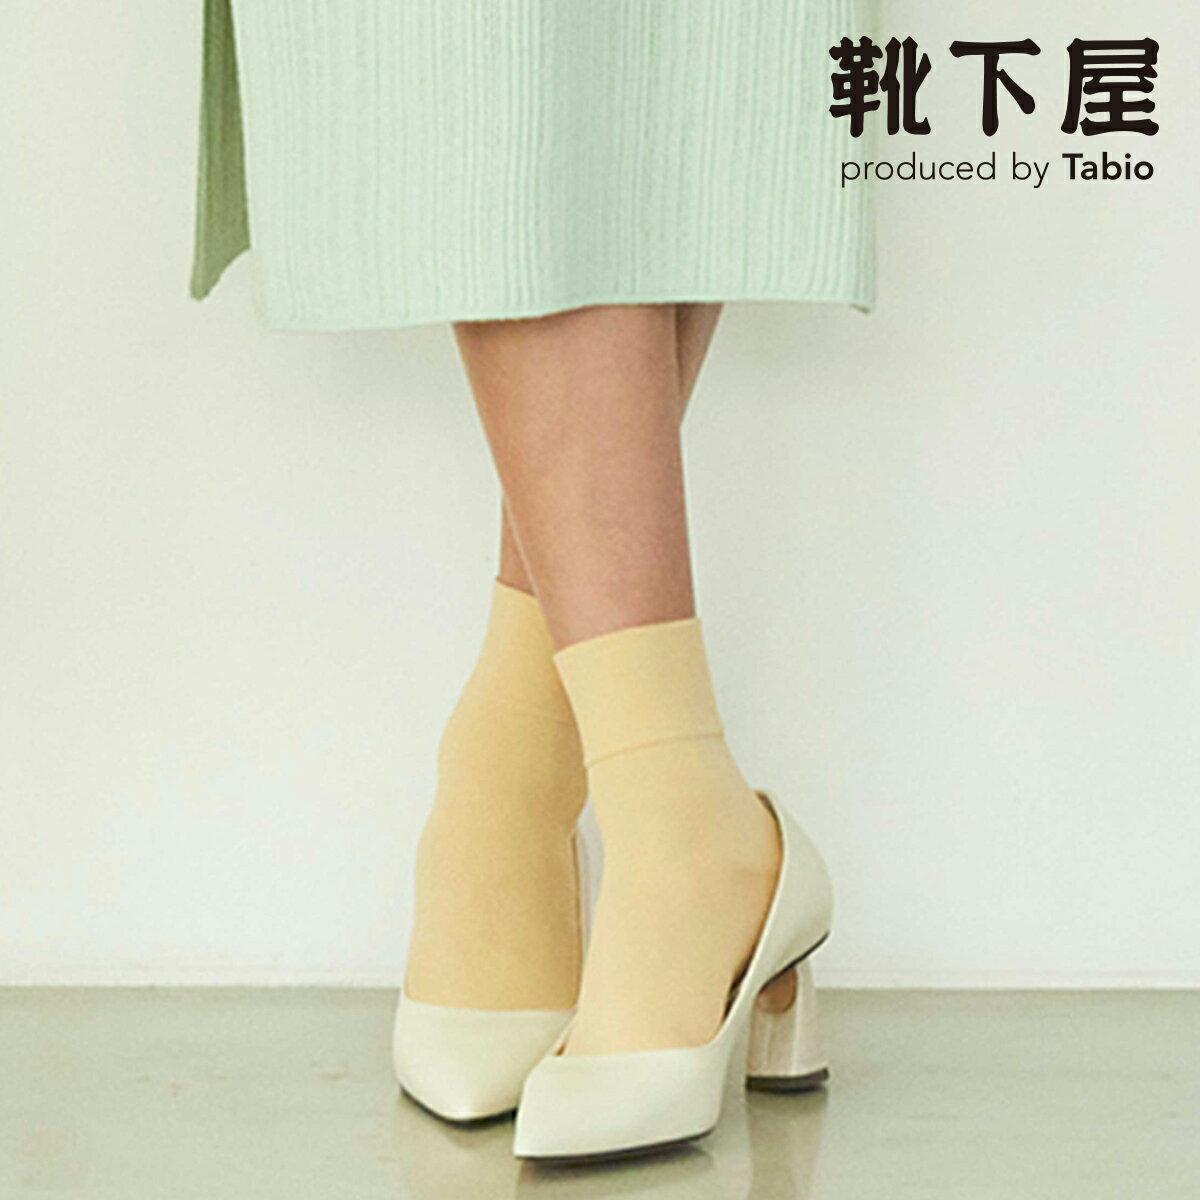 【あす楽】【Tabio】◆K.K closet掲載商品◆ ソフトナイロンショートソックス / 靴下屋 靴下 タビオ くつ下 レディース 日本製 菊池京子